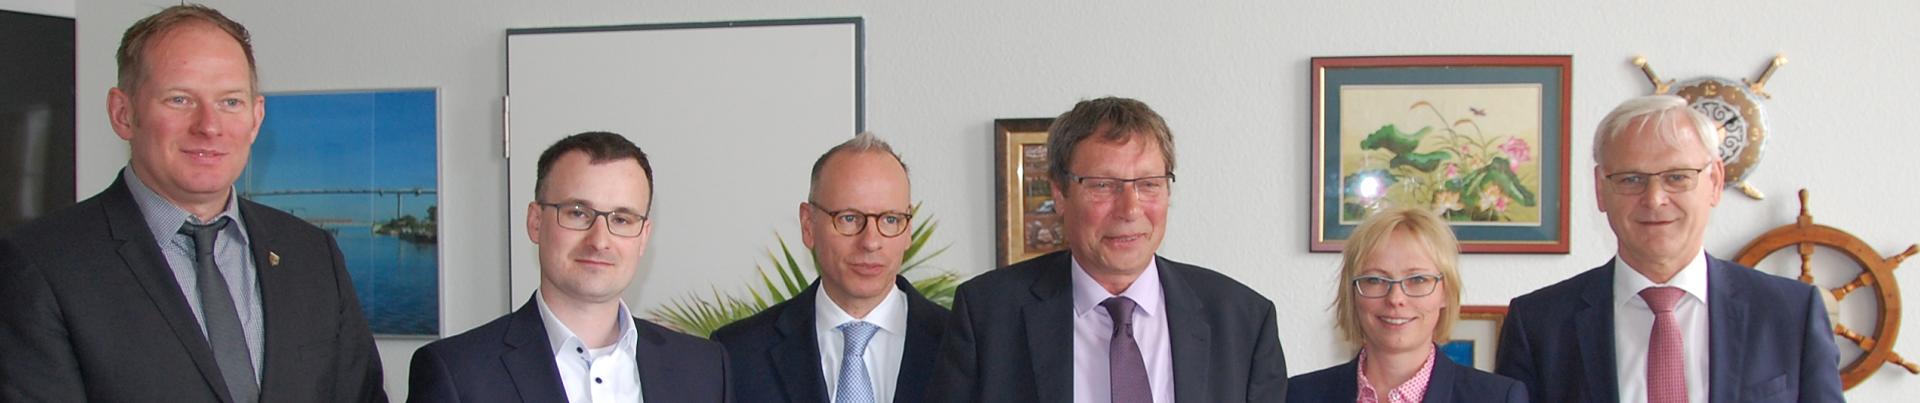 Unterzeichnung Kooperationsvereinbarung zur IT-Konsolidierung